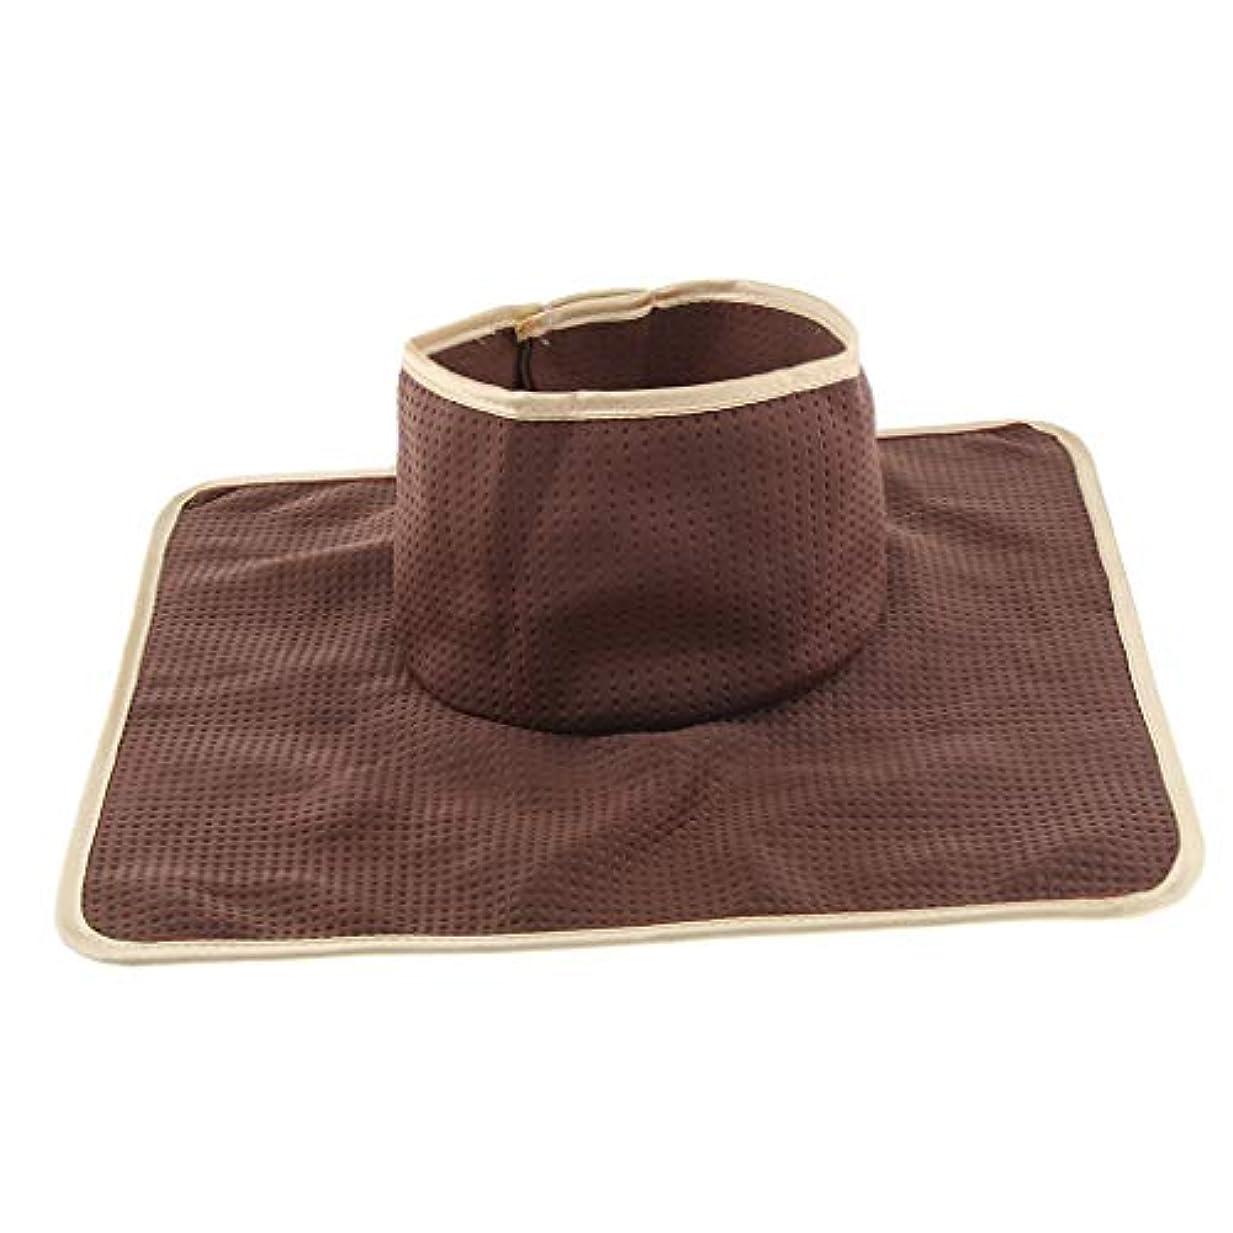 購入受取人適応するマッサージベッド サロンテーブル シート パッド 頭の穴 洗濯可能 約35×35cm 全3色 - コーヒー